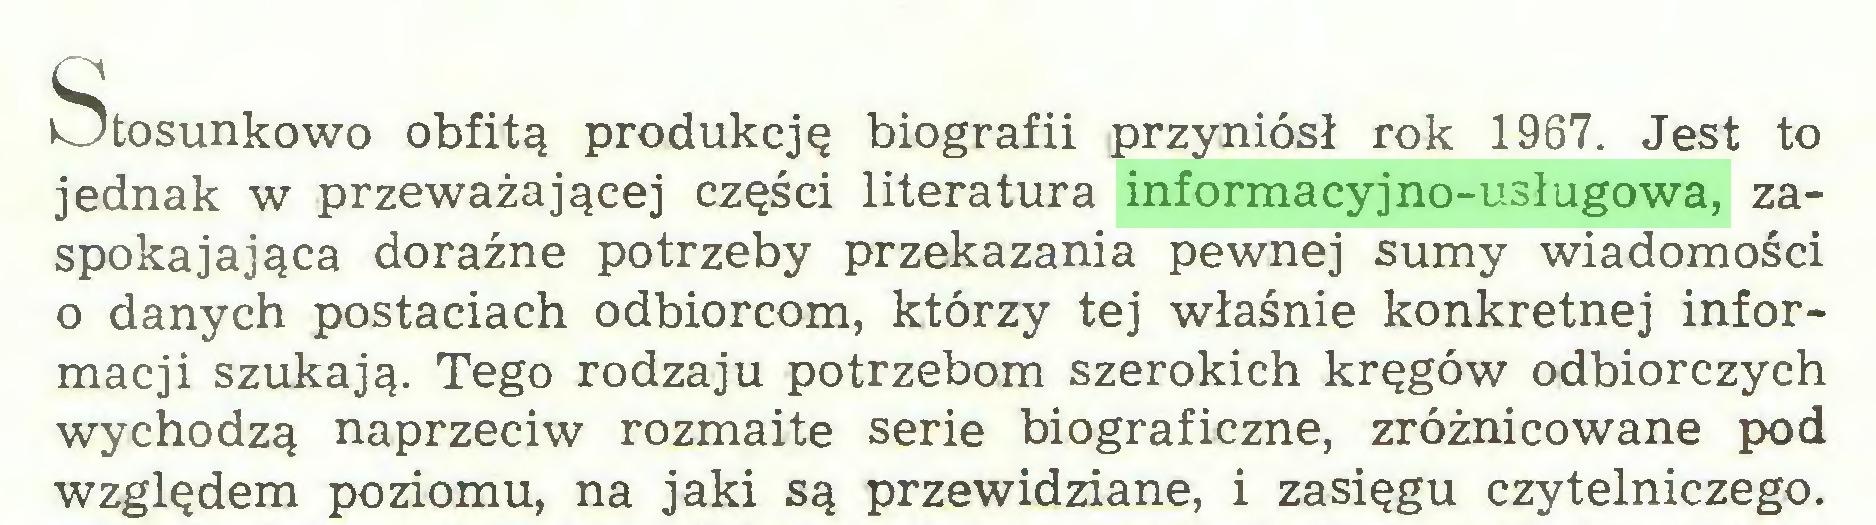 (...) Q kJtosunkowo obfitą produkcję biografii przyniósł rok 1967. Jest to jednak w przeważającej części literatura informacyjno-usługowa, zaspokajająca doraźne potrzeby przekazania pewnej sumy wiadomości o danych postaciach odbiorcom, którzy tej właśnie konkretnej informacji szukają. Tego rodzaju potrzebom szerokich kręgów odbiorczych wychodzą naprzeciw rozmaite serie biograficzne, zróżnicowane pod względem poziomu, na jaki są przewidziane, i zasięgu czytelniczego...